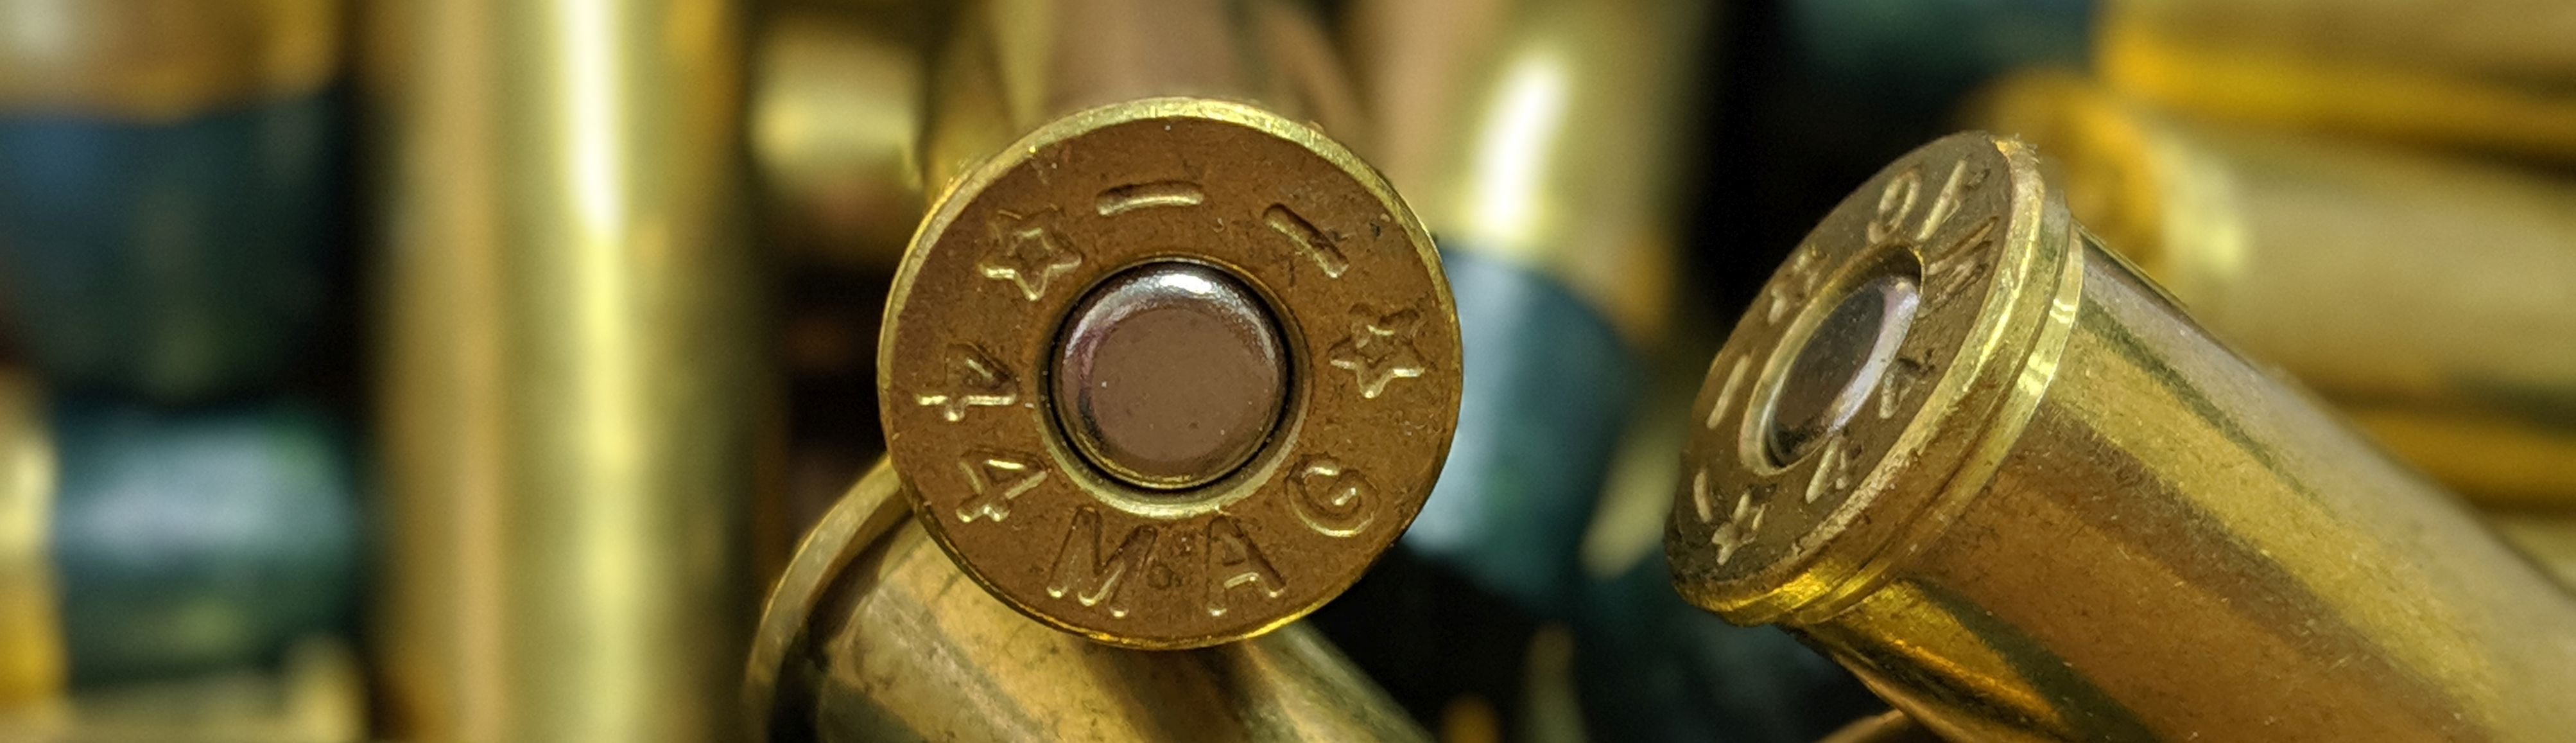 I.Q. Munitions